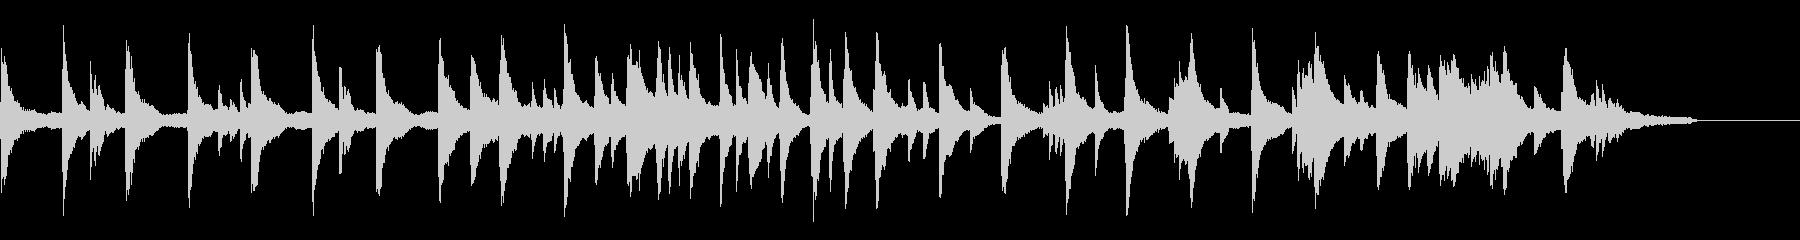 StockMusic33_PianoSamplerの未再生の波形